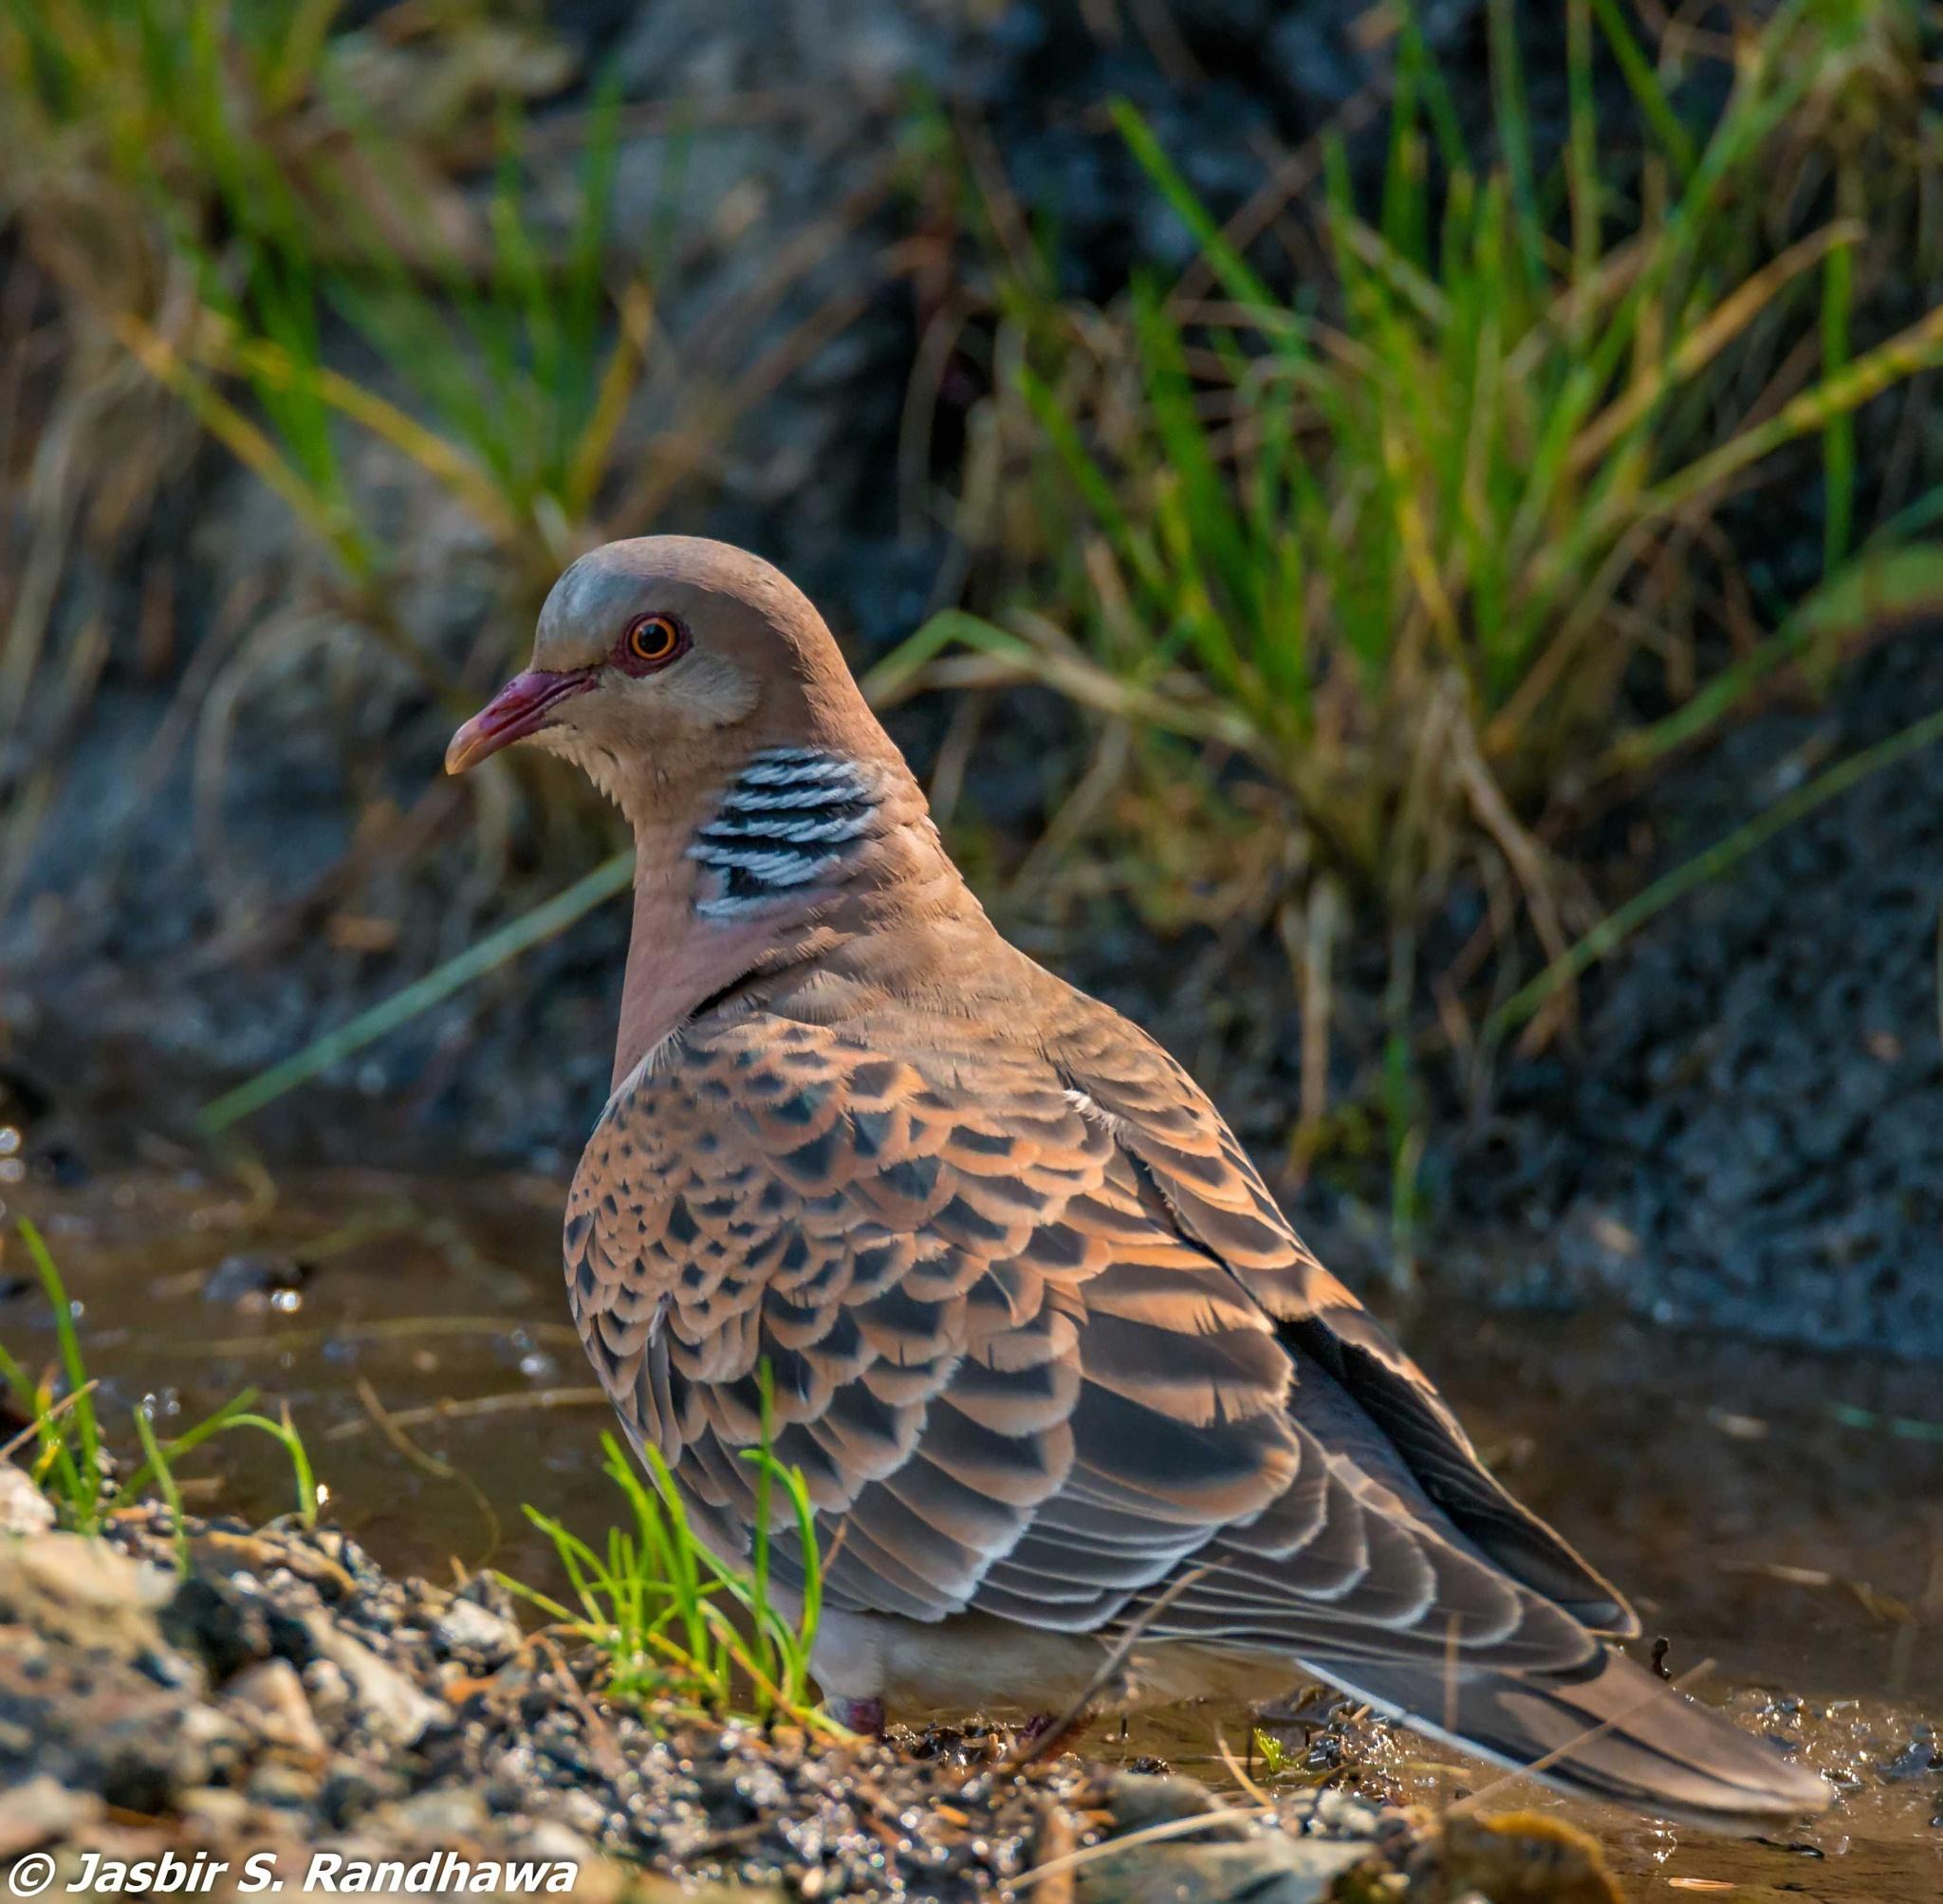 Oriental Turtle Dove (Streptopelia orientalis) by Jasbir S. Randhawa